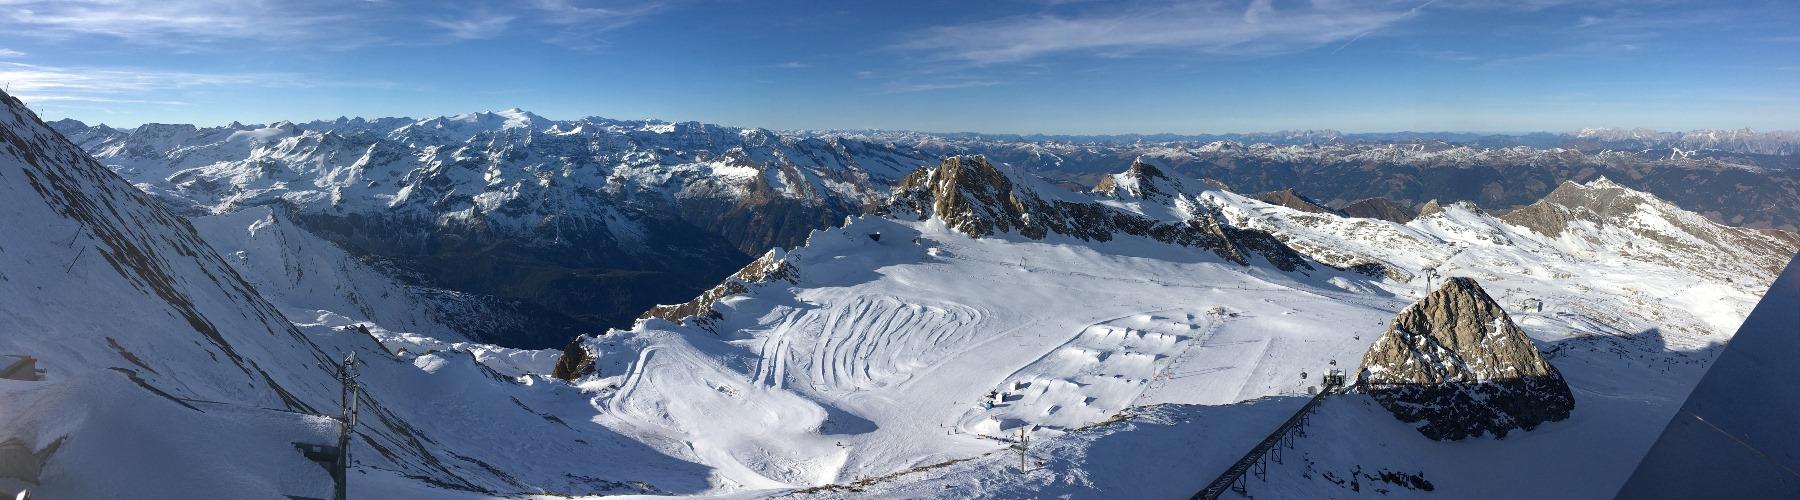 Kitzsteinhorn Kaprun - sneeuwzeker skieen